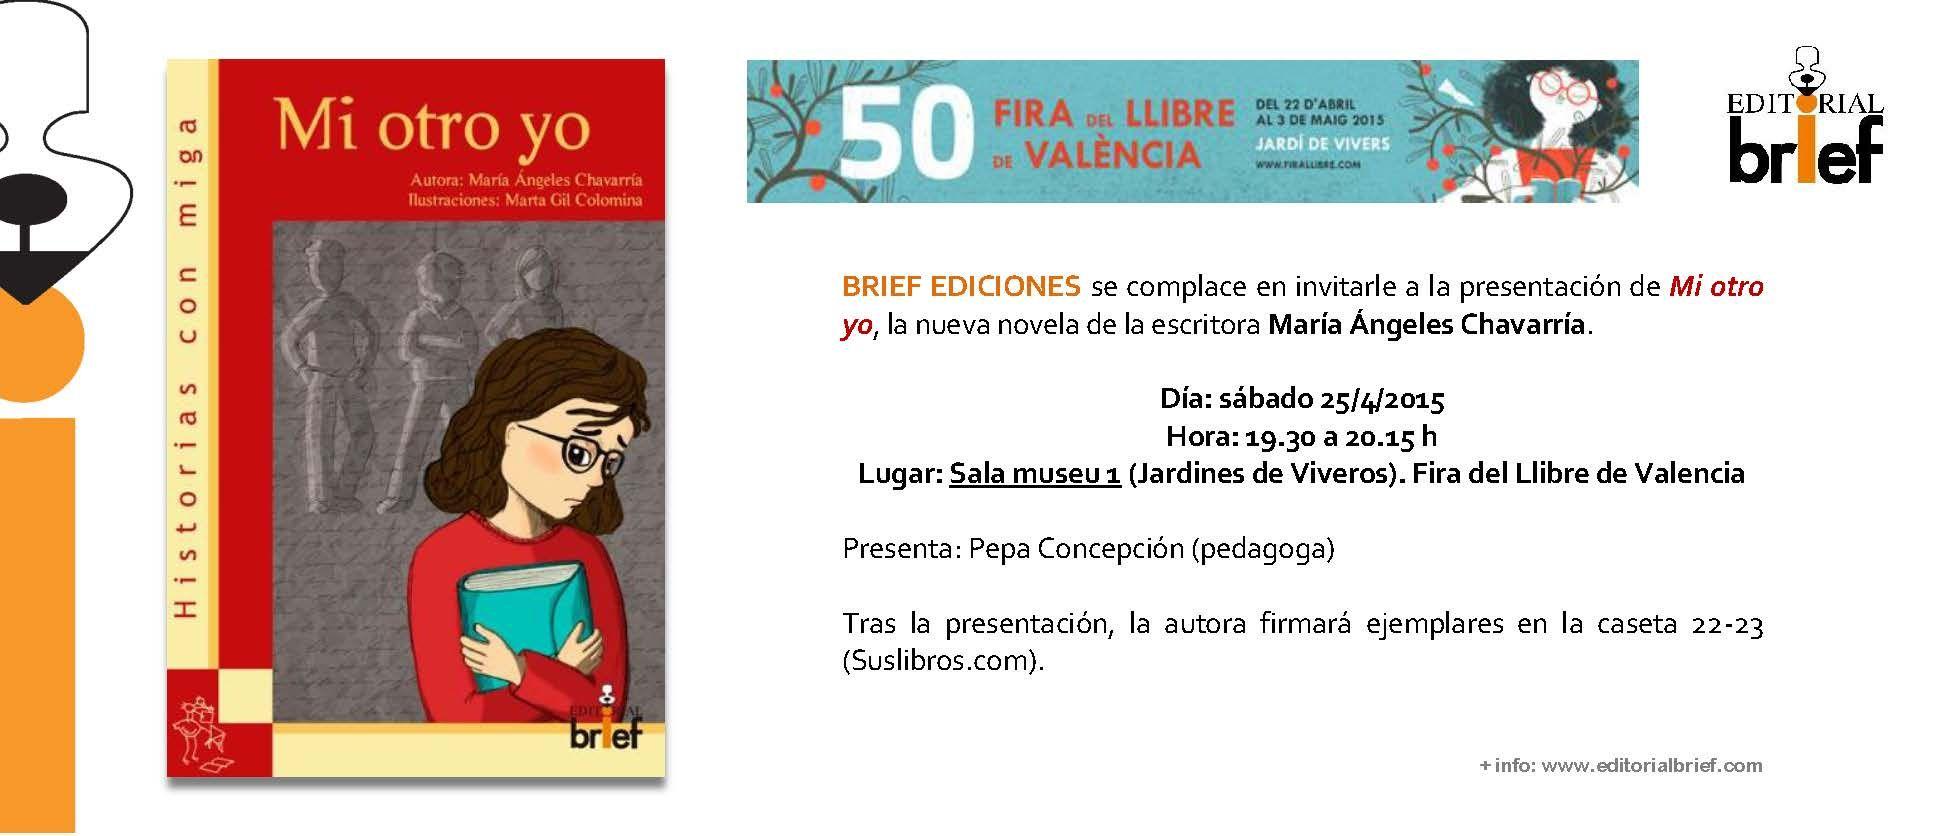 Presentación MI OTRO YO, una novela de María Ángeles Chavarría sobre el acoso escolar.